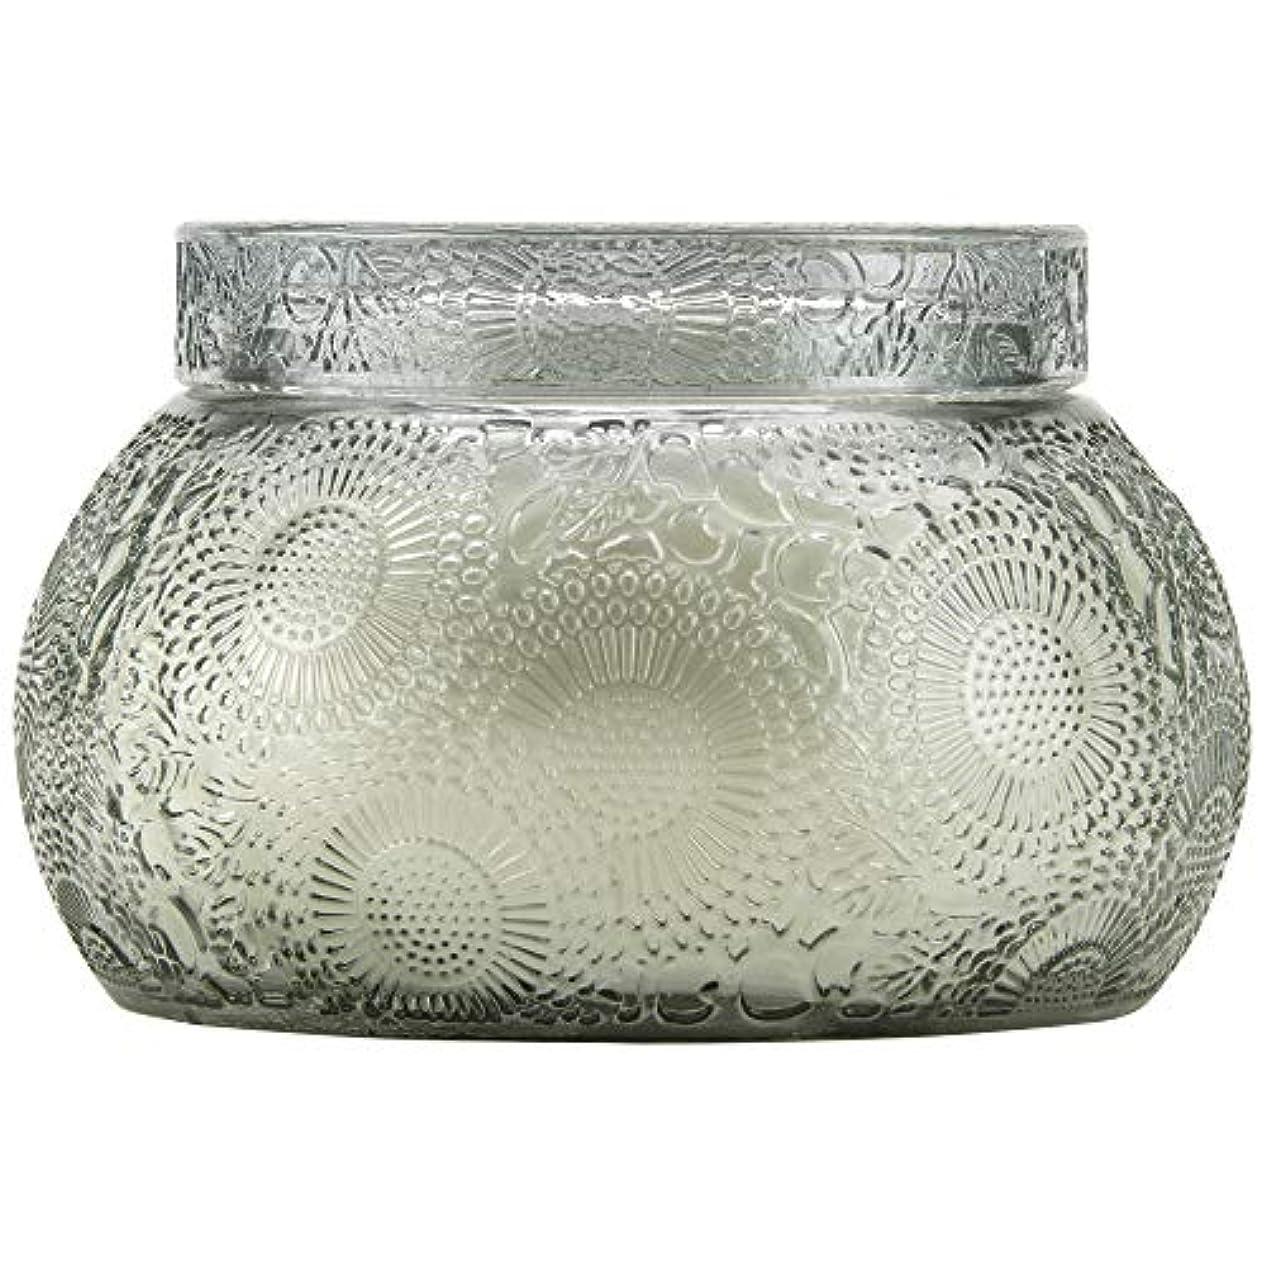 バン汚染する解釈するVOLUSPA チャワングラスキャンドル French Cade Lavender フレンチケード&ラベンダー GLASS CANDLE ボルスパ